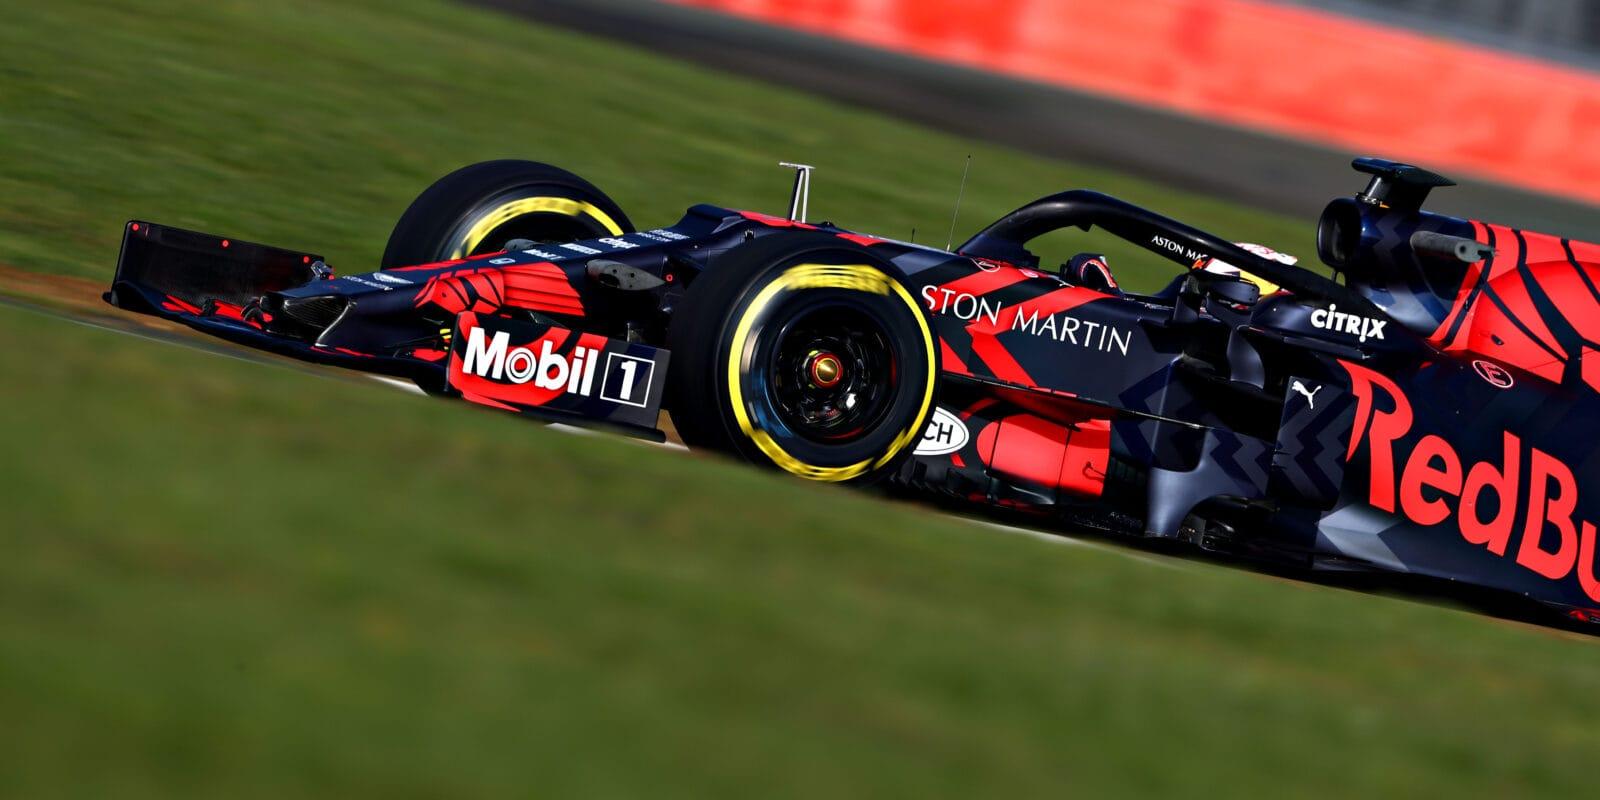 Skládačka kompletní. Red Bull zveřejnil, kdy ukáže nový vůz